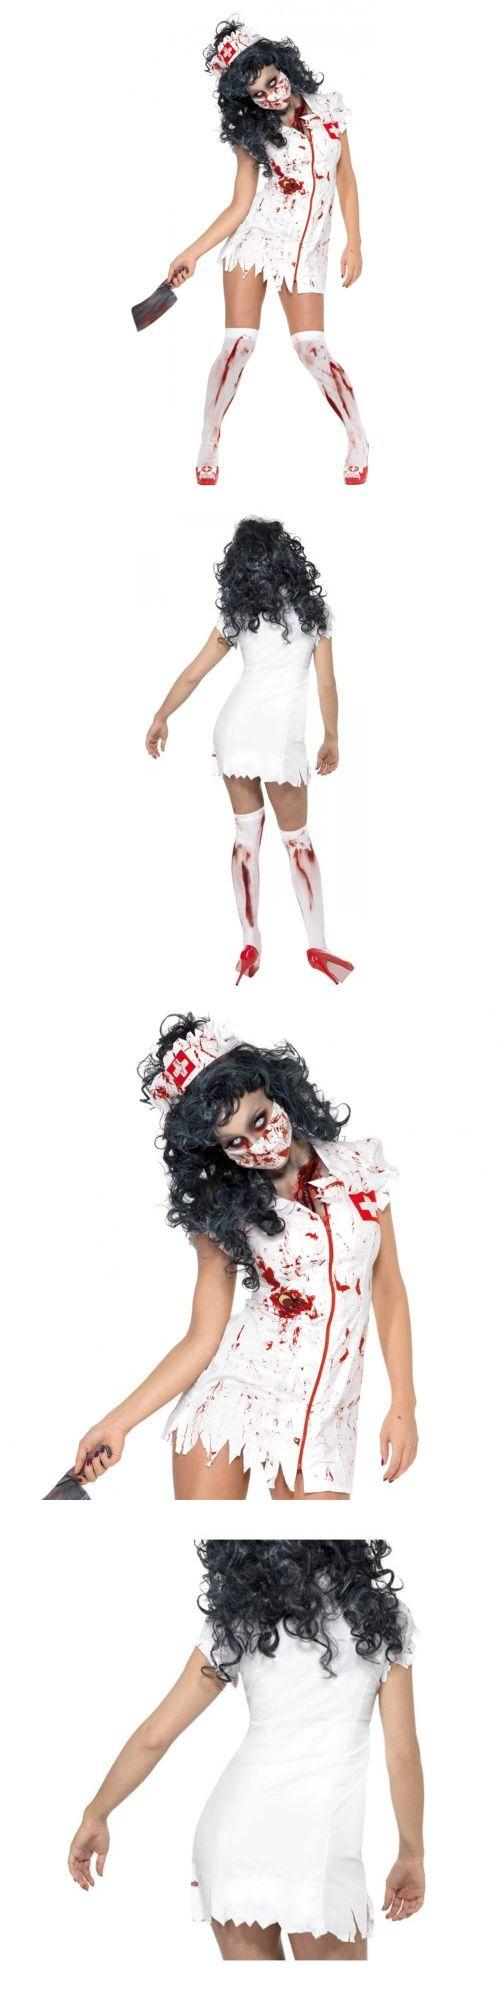 Halloween Costumes Women: Zombie Nurse Costume Halloween Fancy Dress -> BUY IT NOW ONLY: $31.69 on eBay!